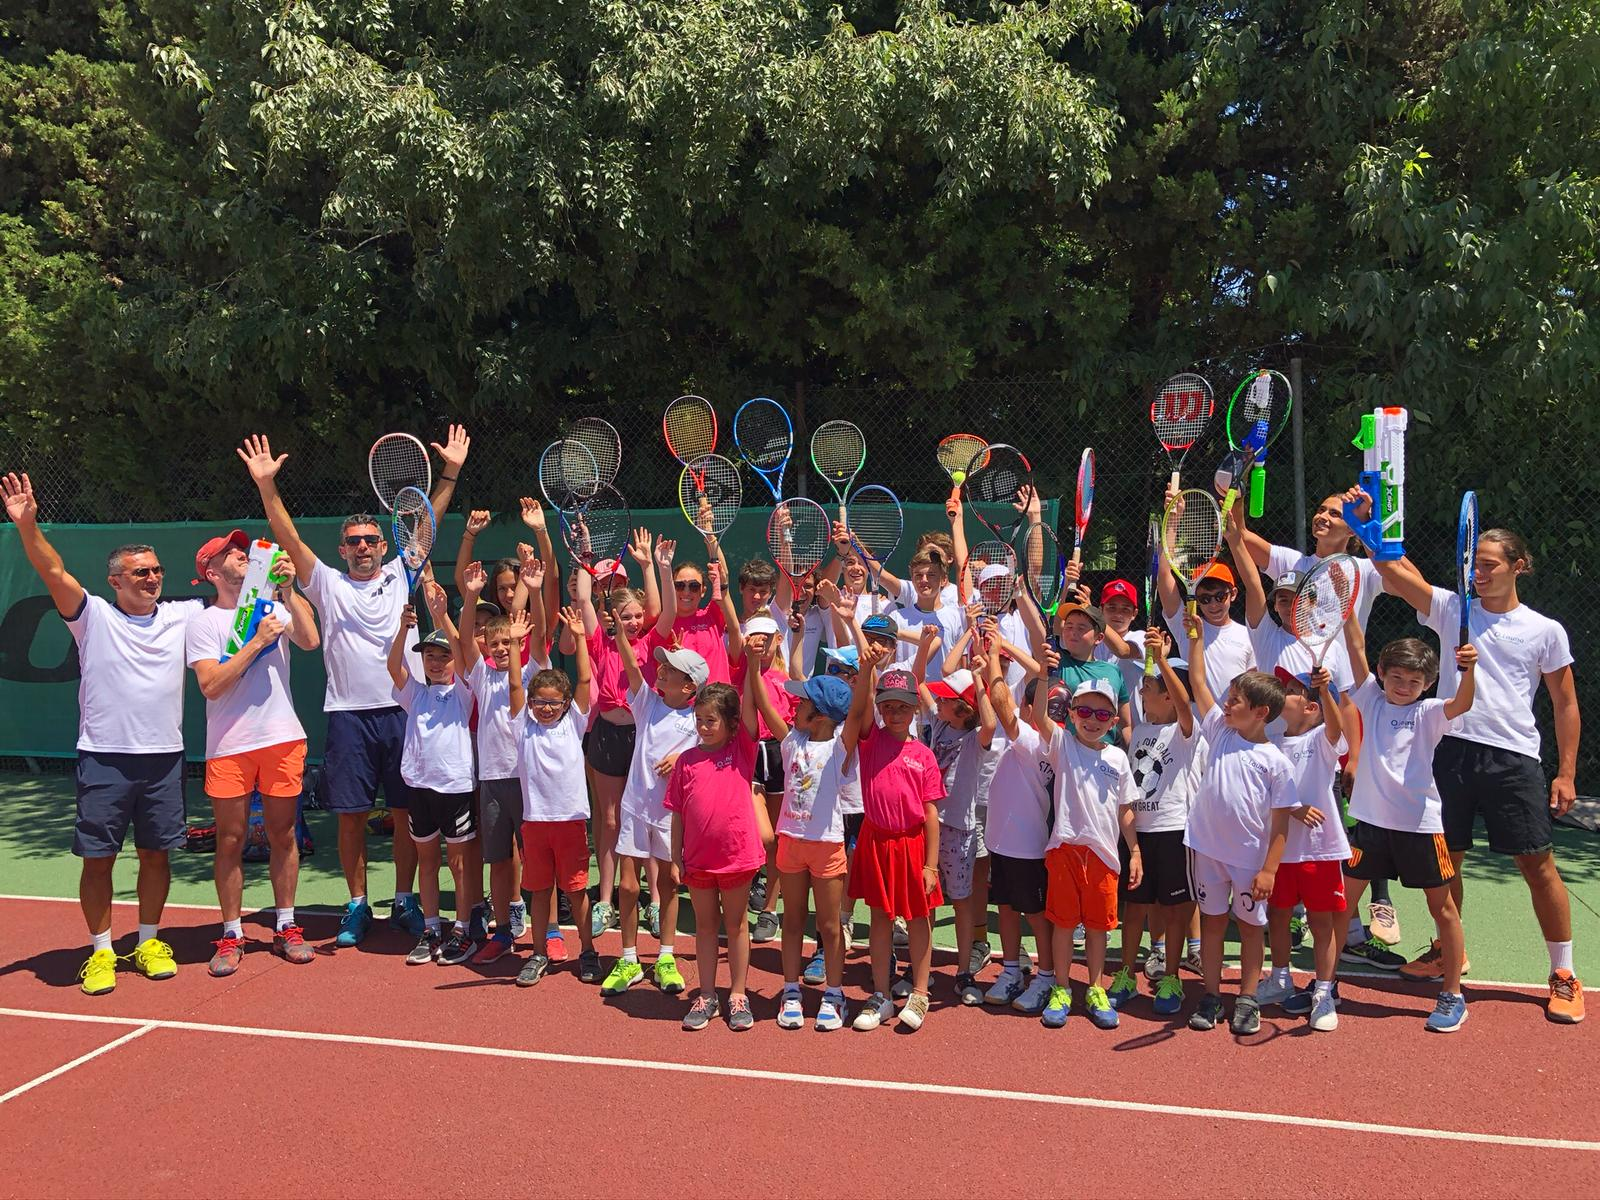 ecole de tennis du park - les accates - olivier launo 7